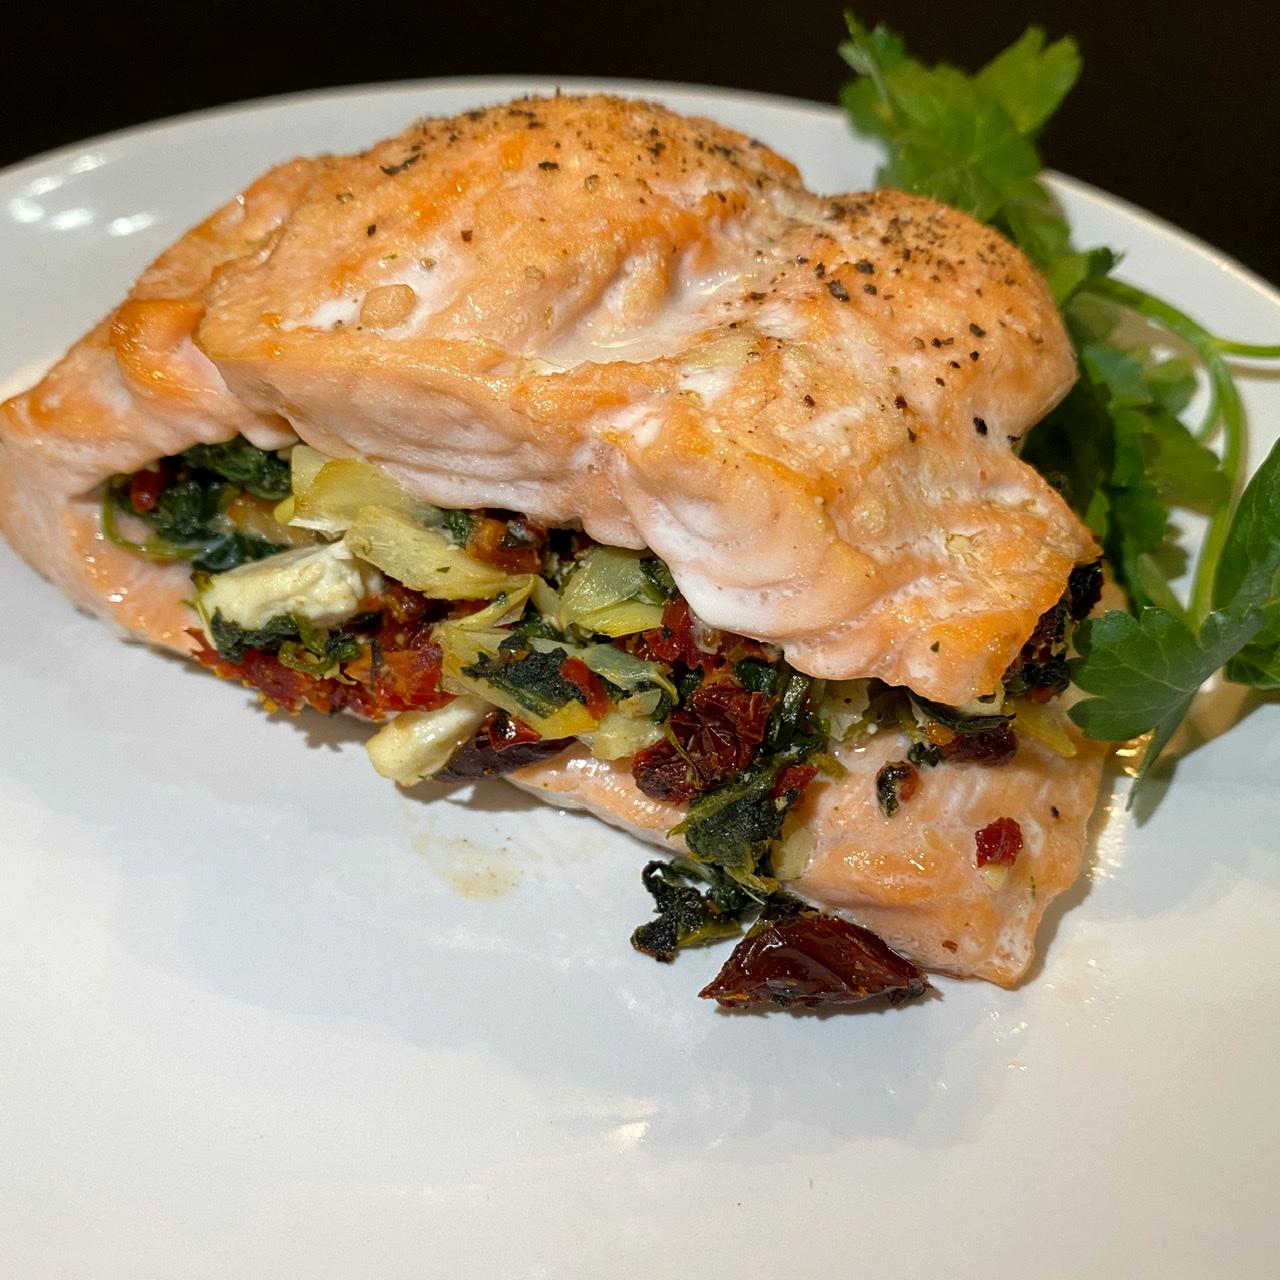 Pan-Seared Mediterranean Stuffed Salmon